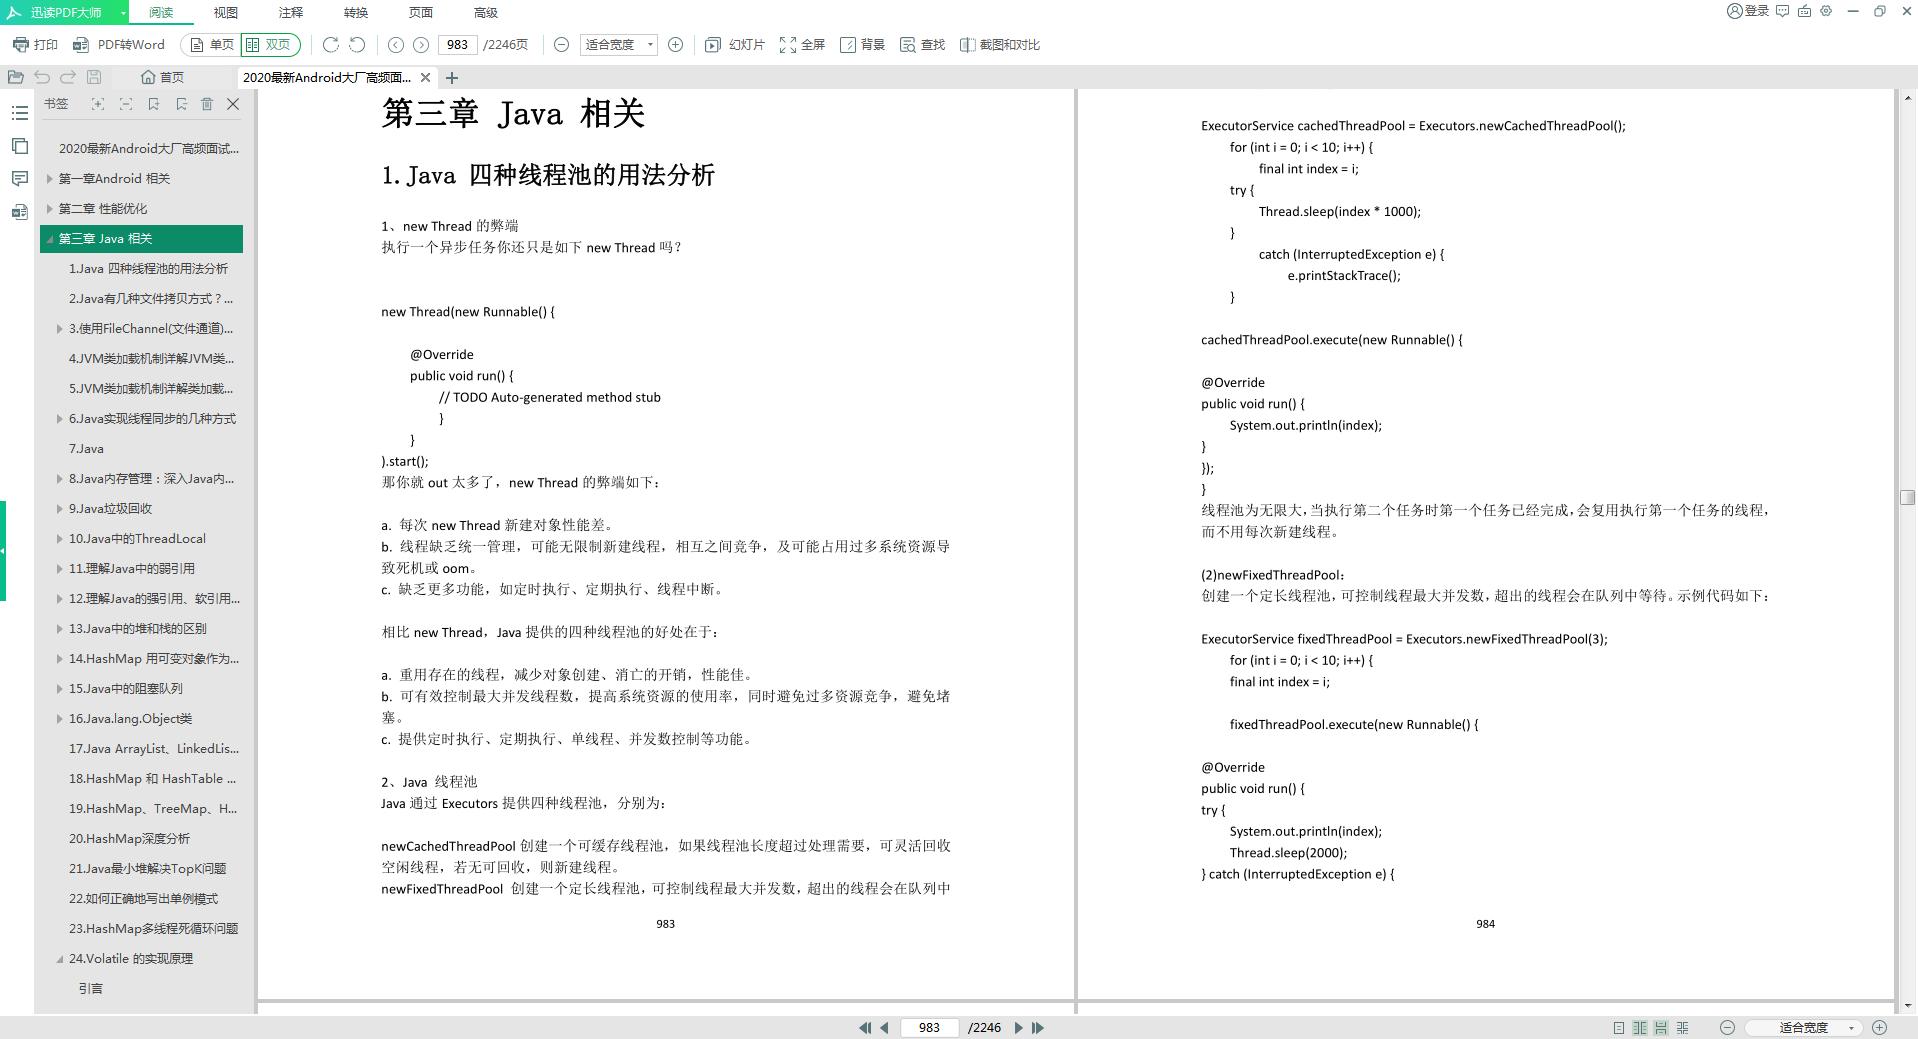 第三章 Java 相关